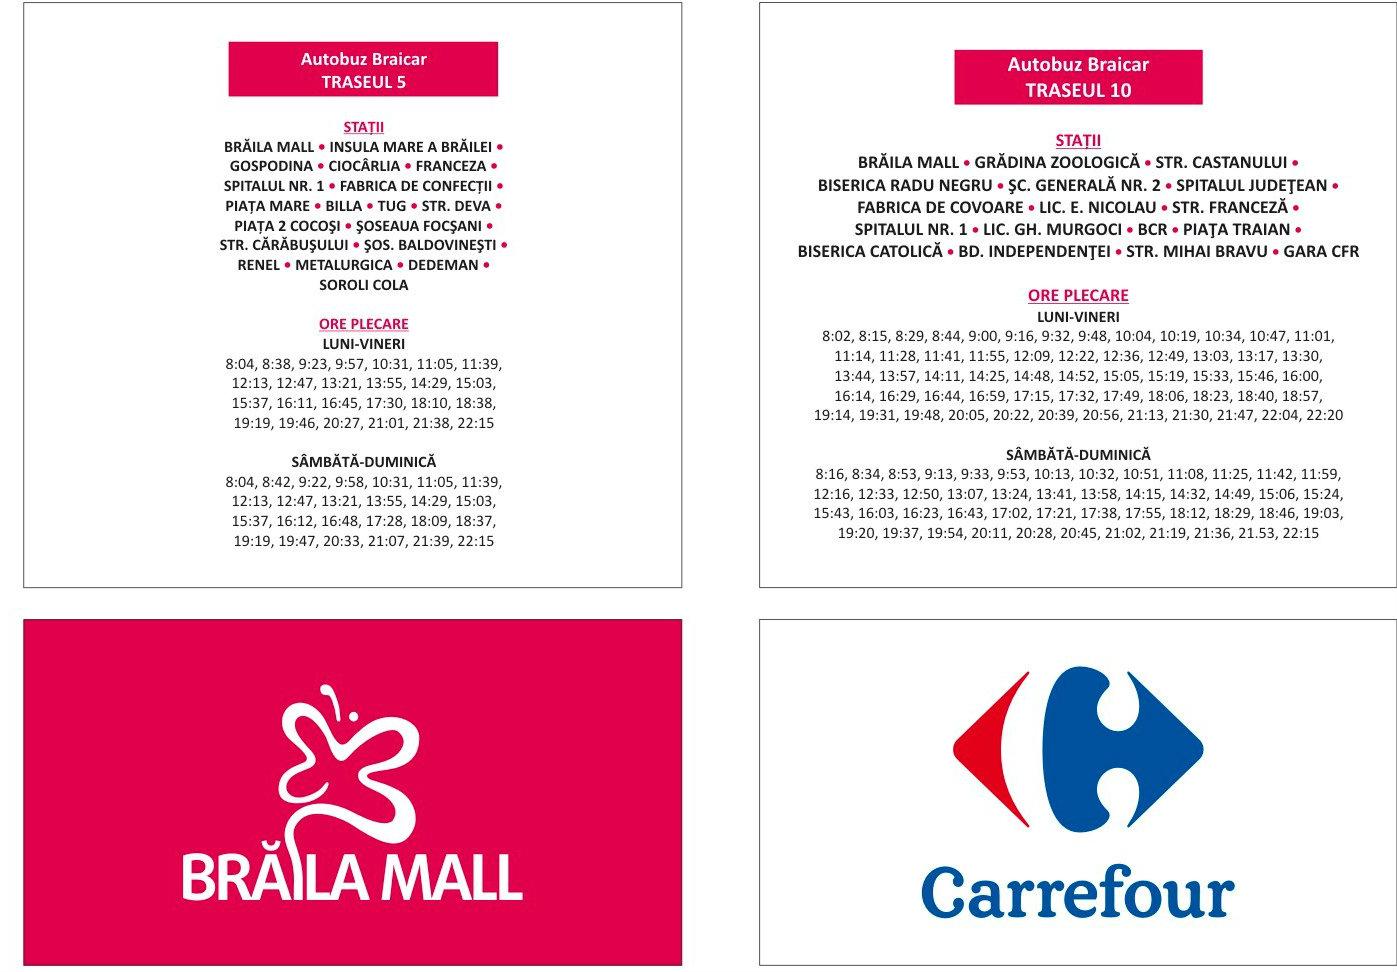 imagini detaliate 50% reducere comercializează transport public 2 • Brăila Mall